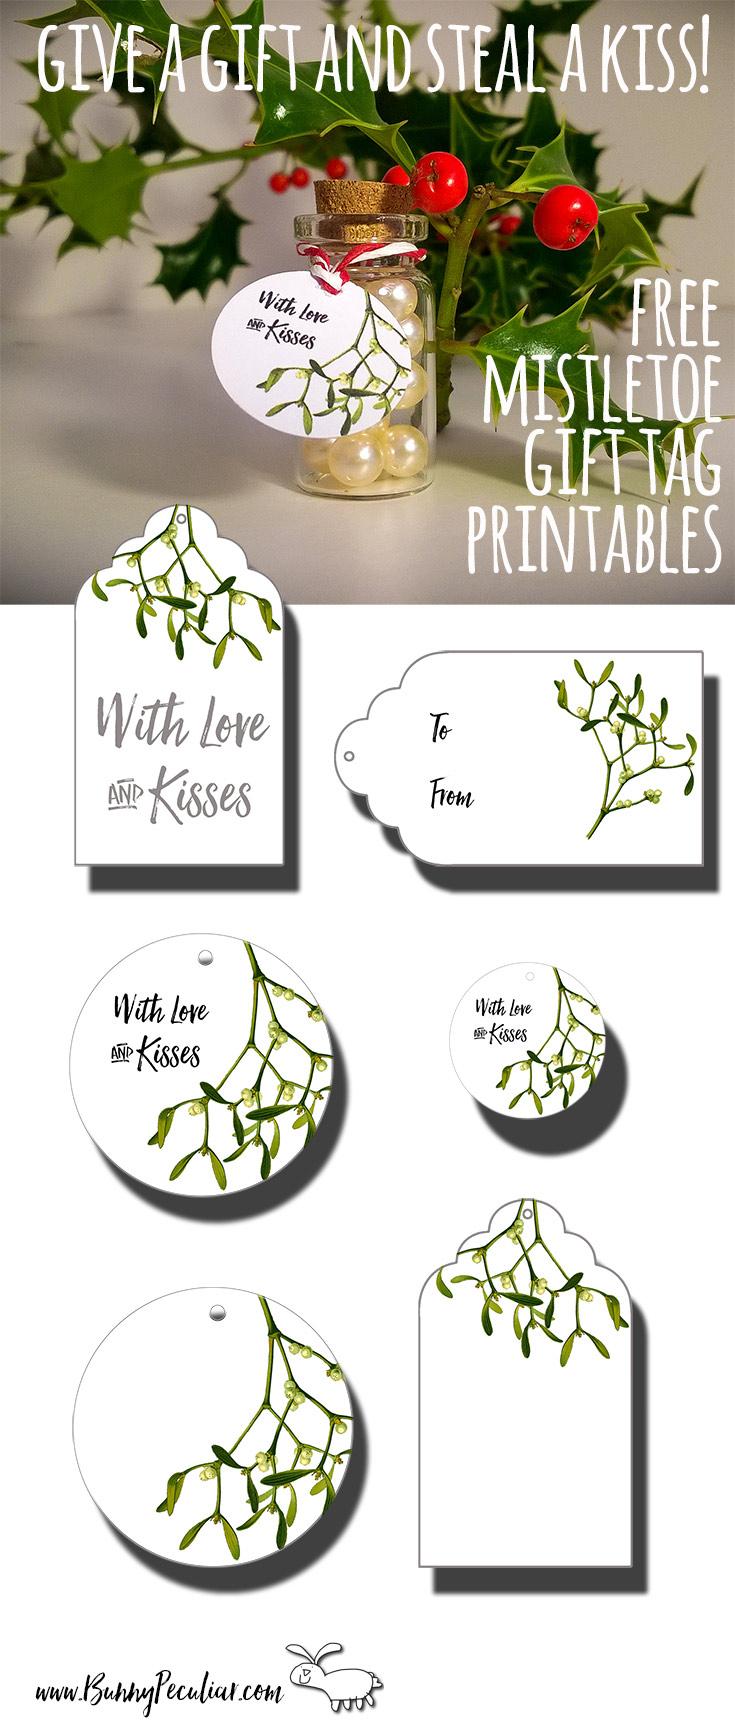 Mistletoe Gift Tags - Bunny Peculiar - Free Printable Mistletoe Tags